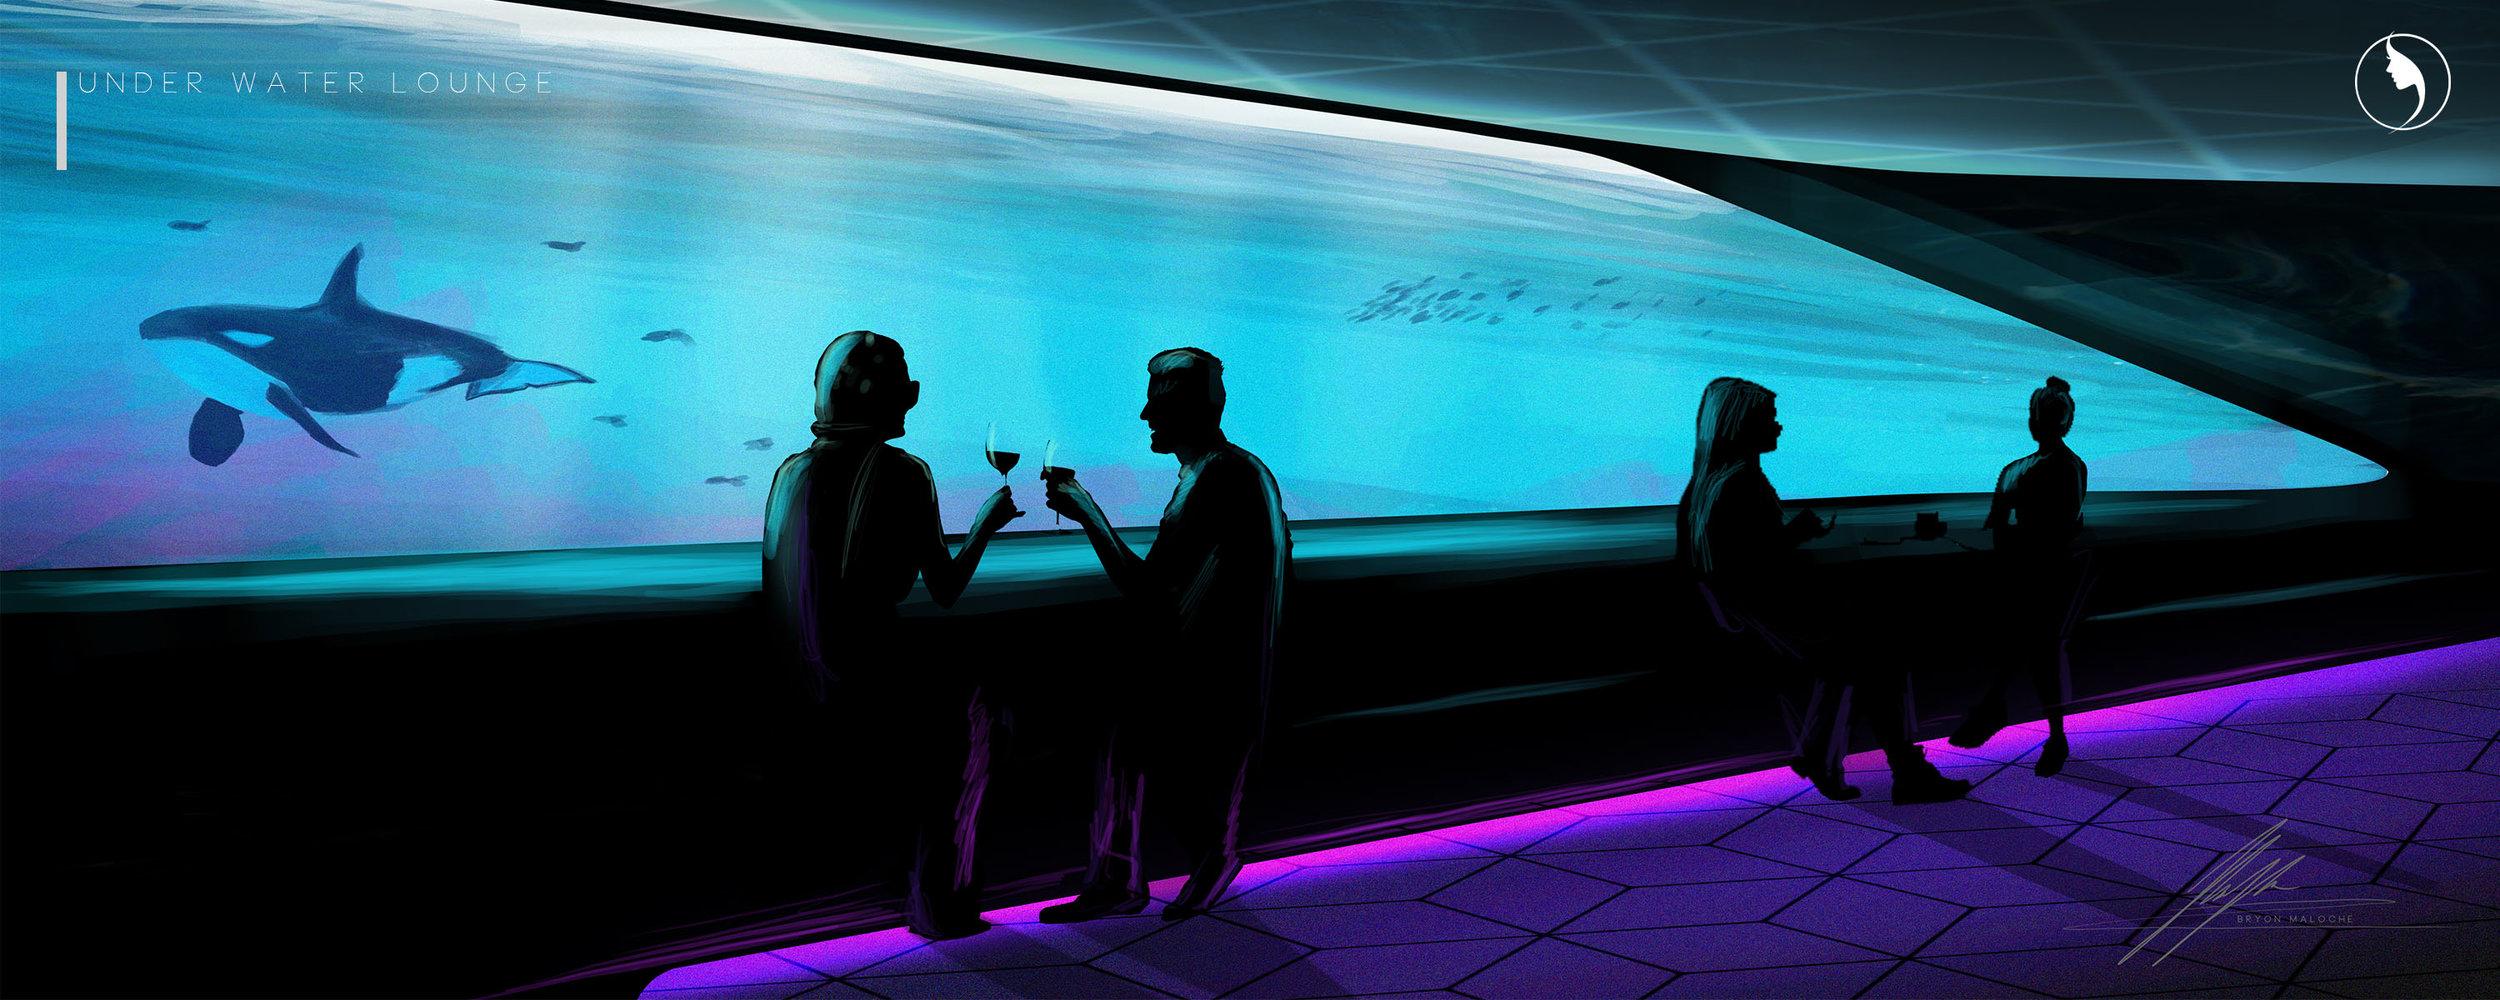 Oceanco Render 2.jpg